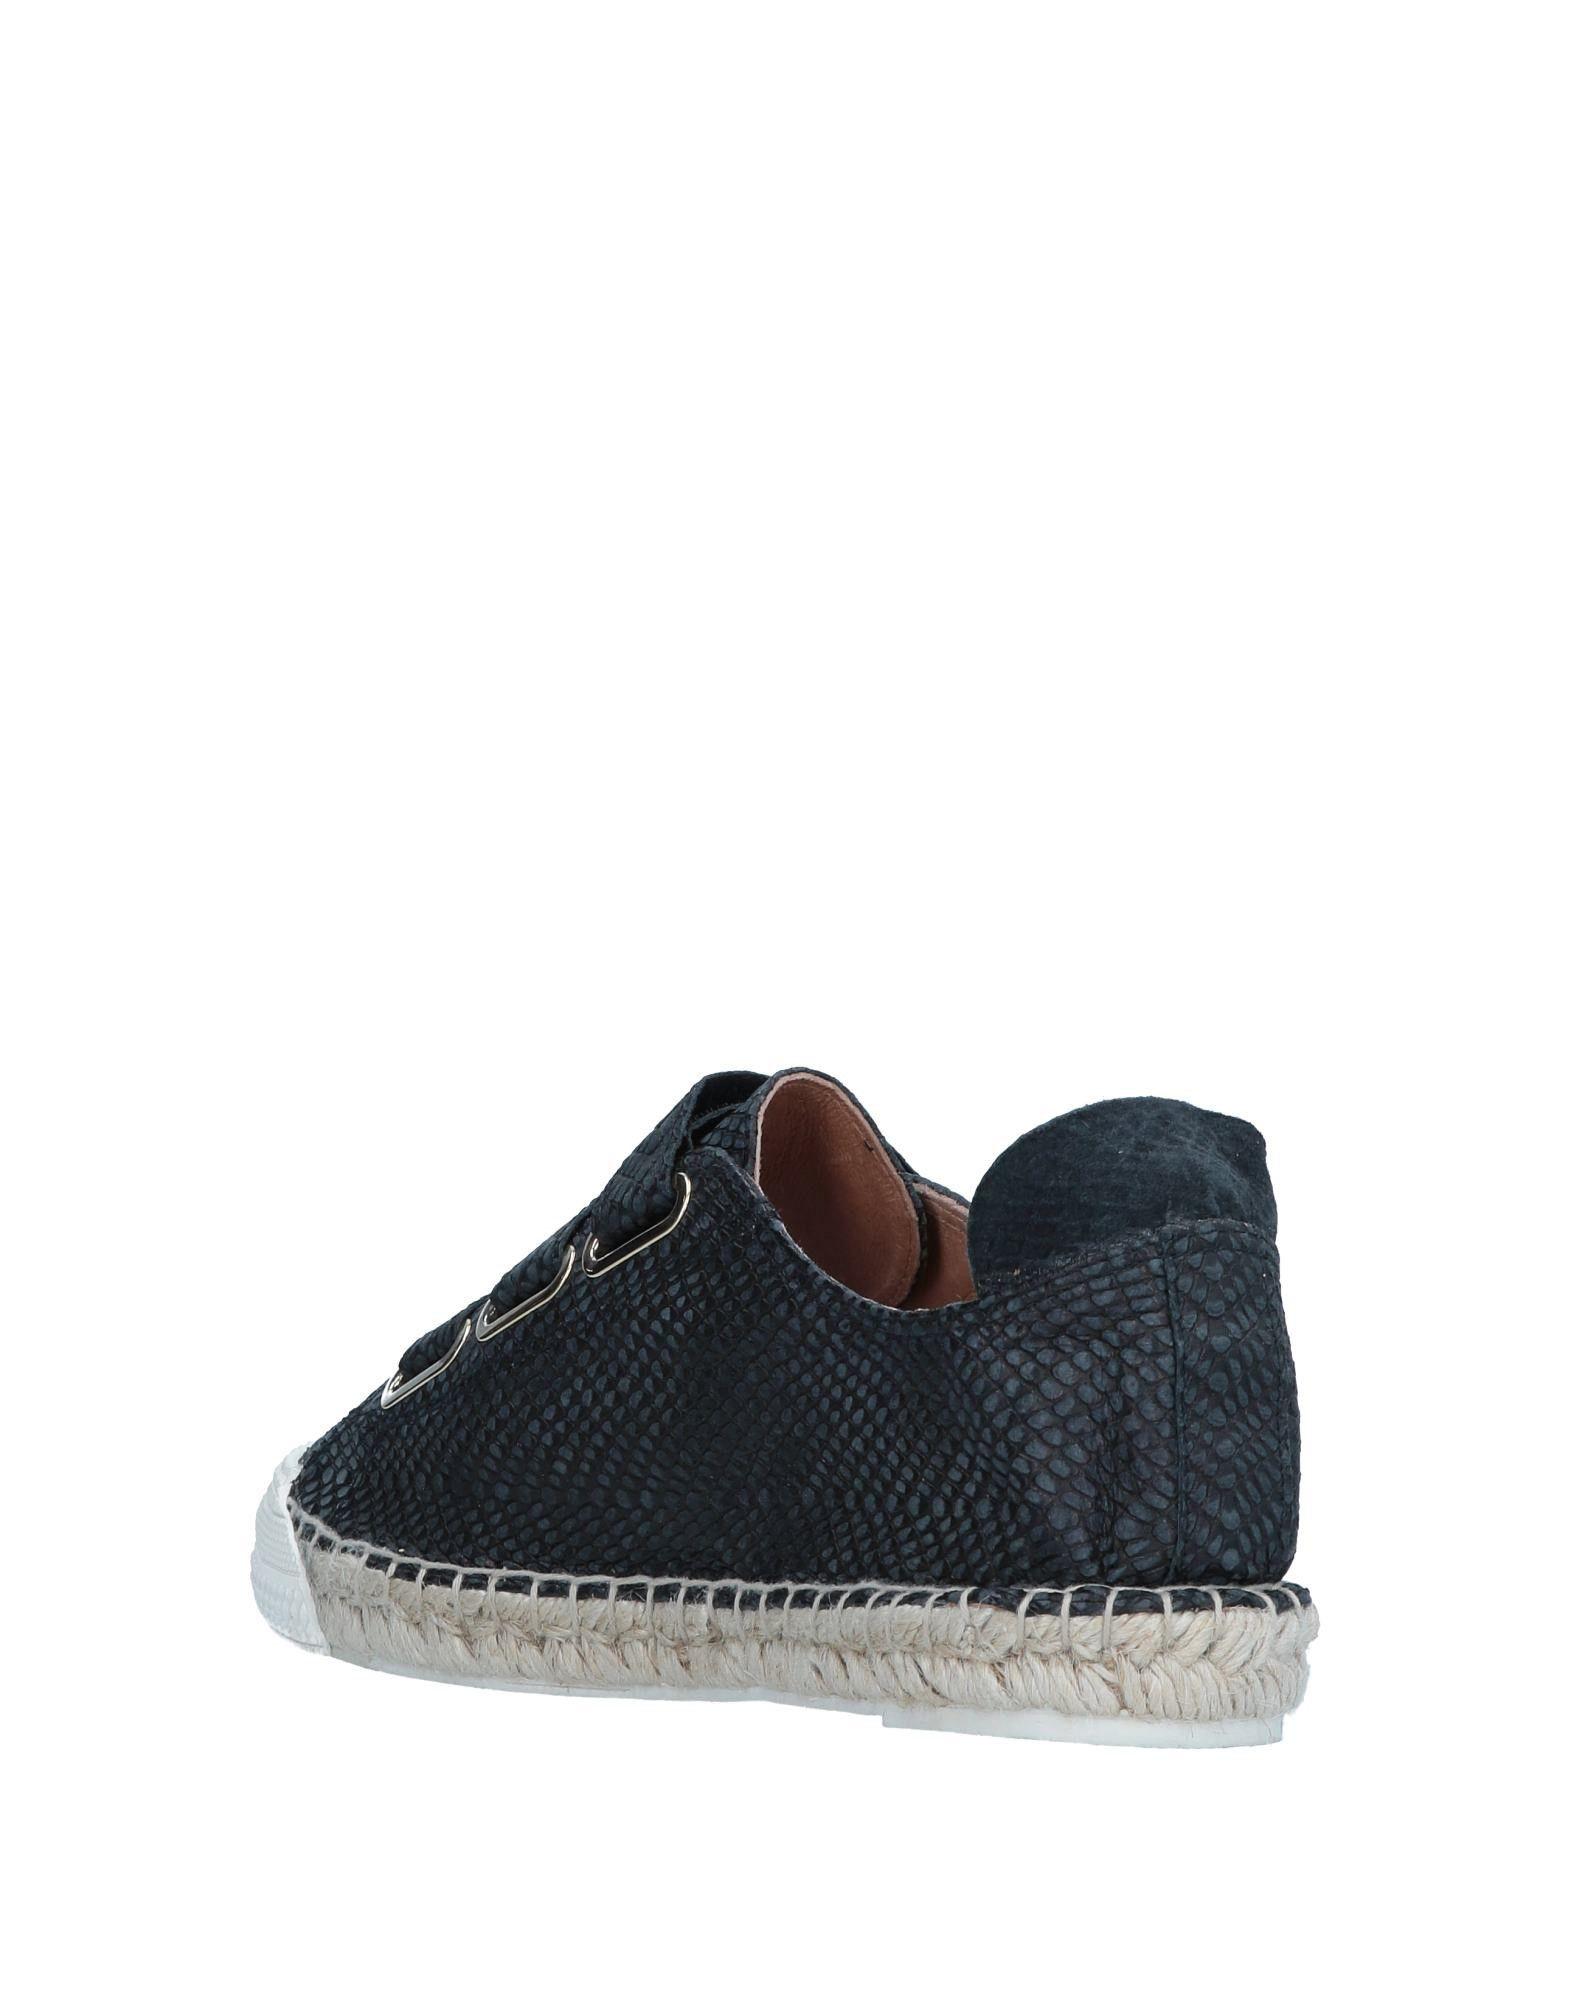 M&P Maypol Sneakers Damen  11546035MA Gute Qualität beliebte beliebte beliebte Schuhe 3d9986